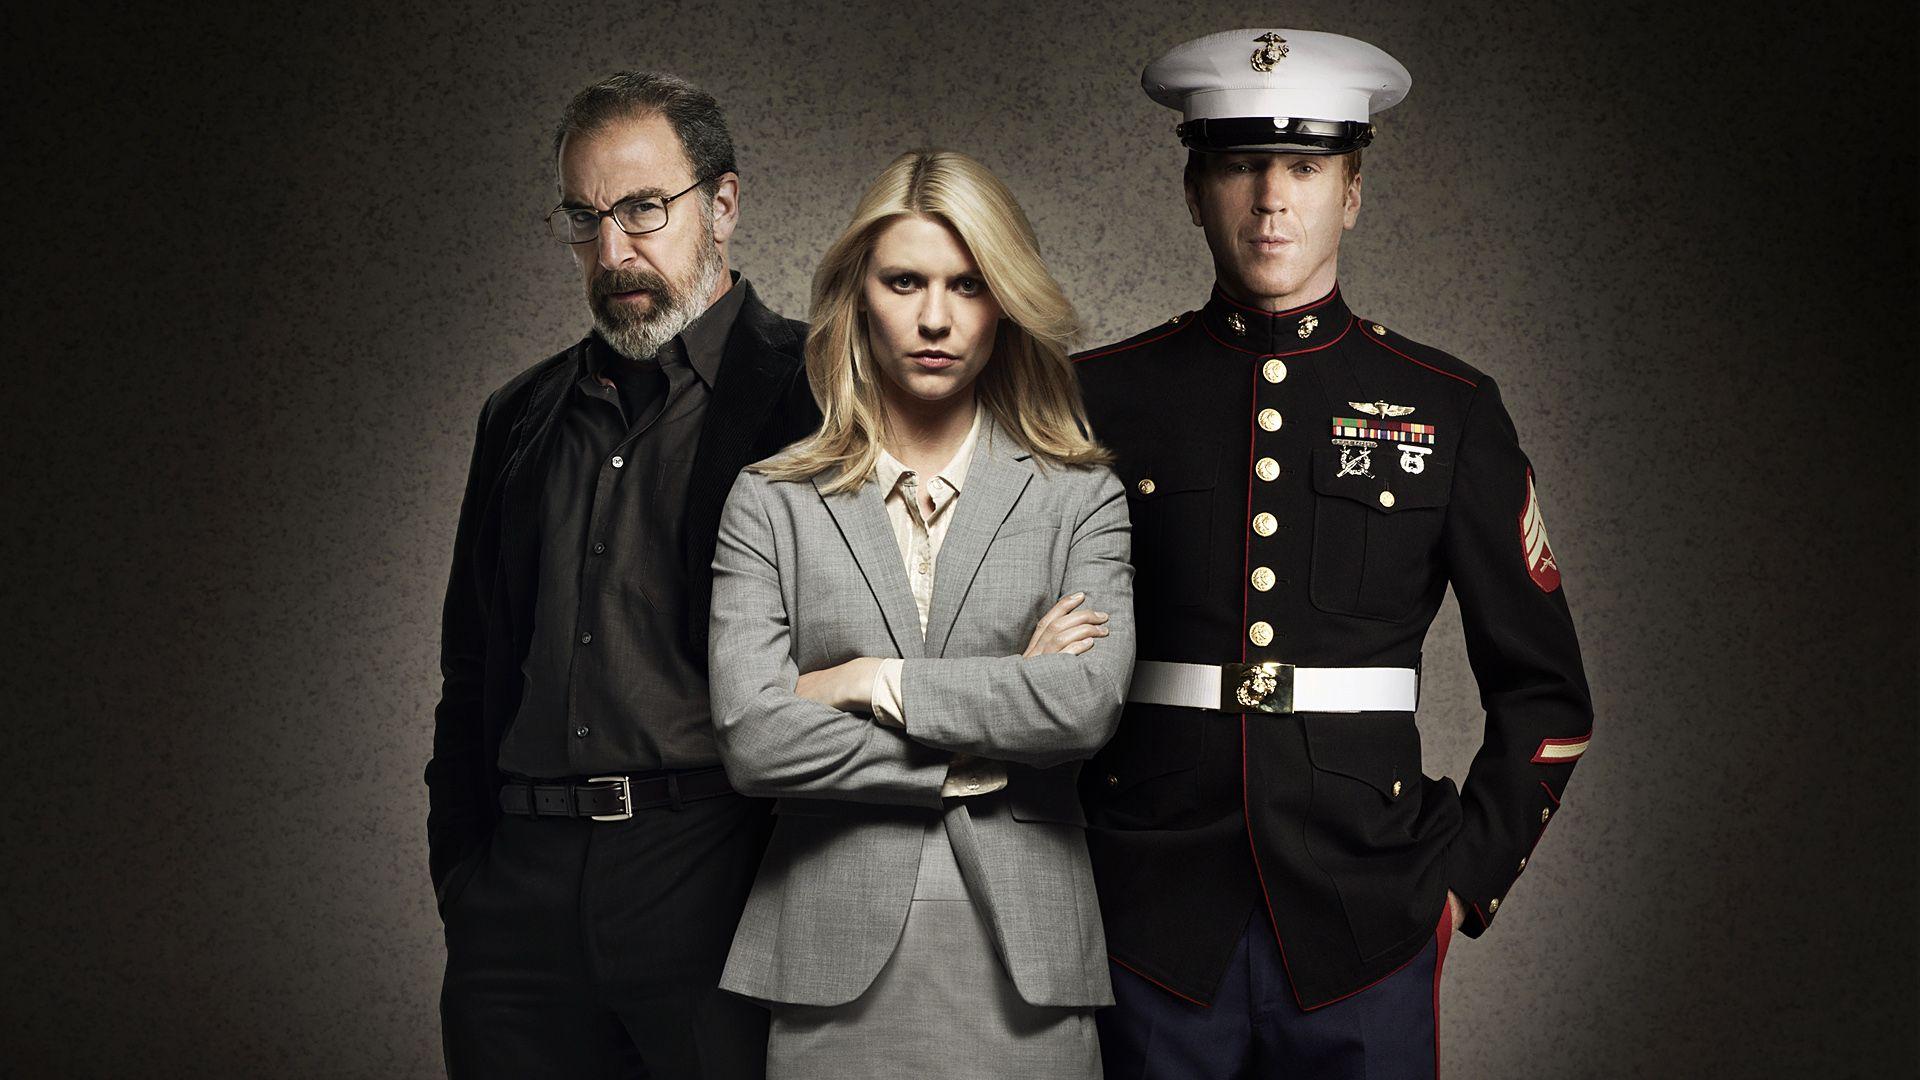 Critica Terceira Temporada De Homeland Assistir Na Netflix